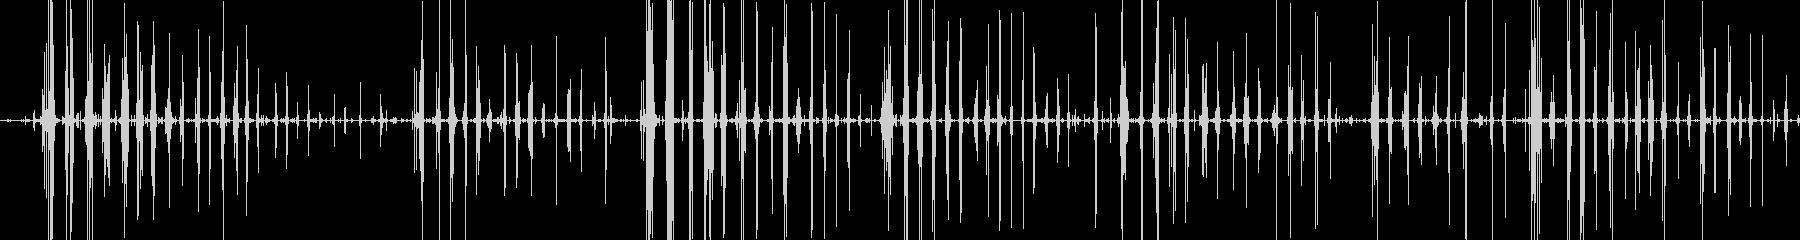 コリコリポリポリ クラゲ咀嚼音の未再生の波形